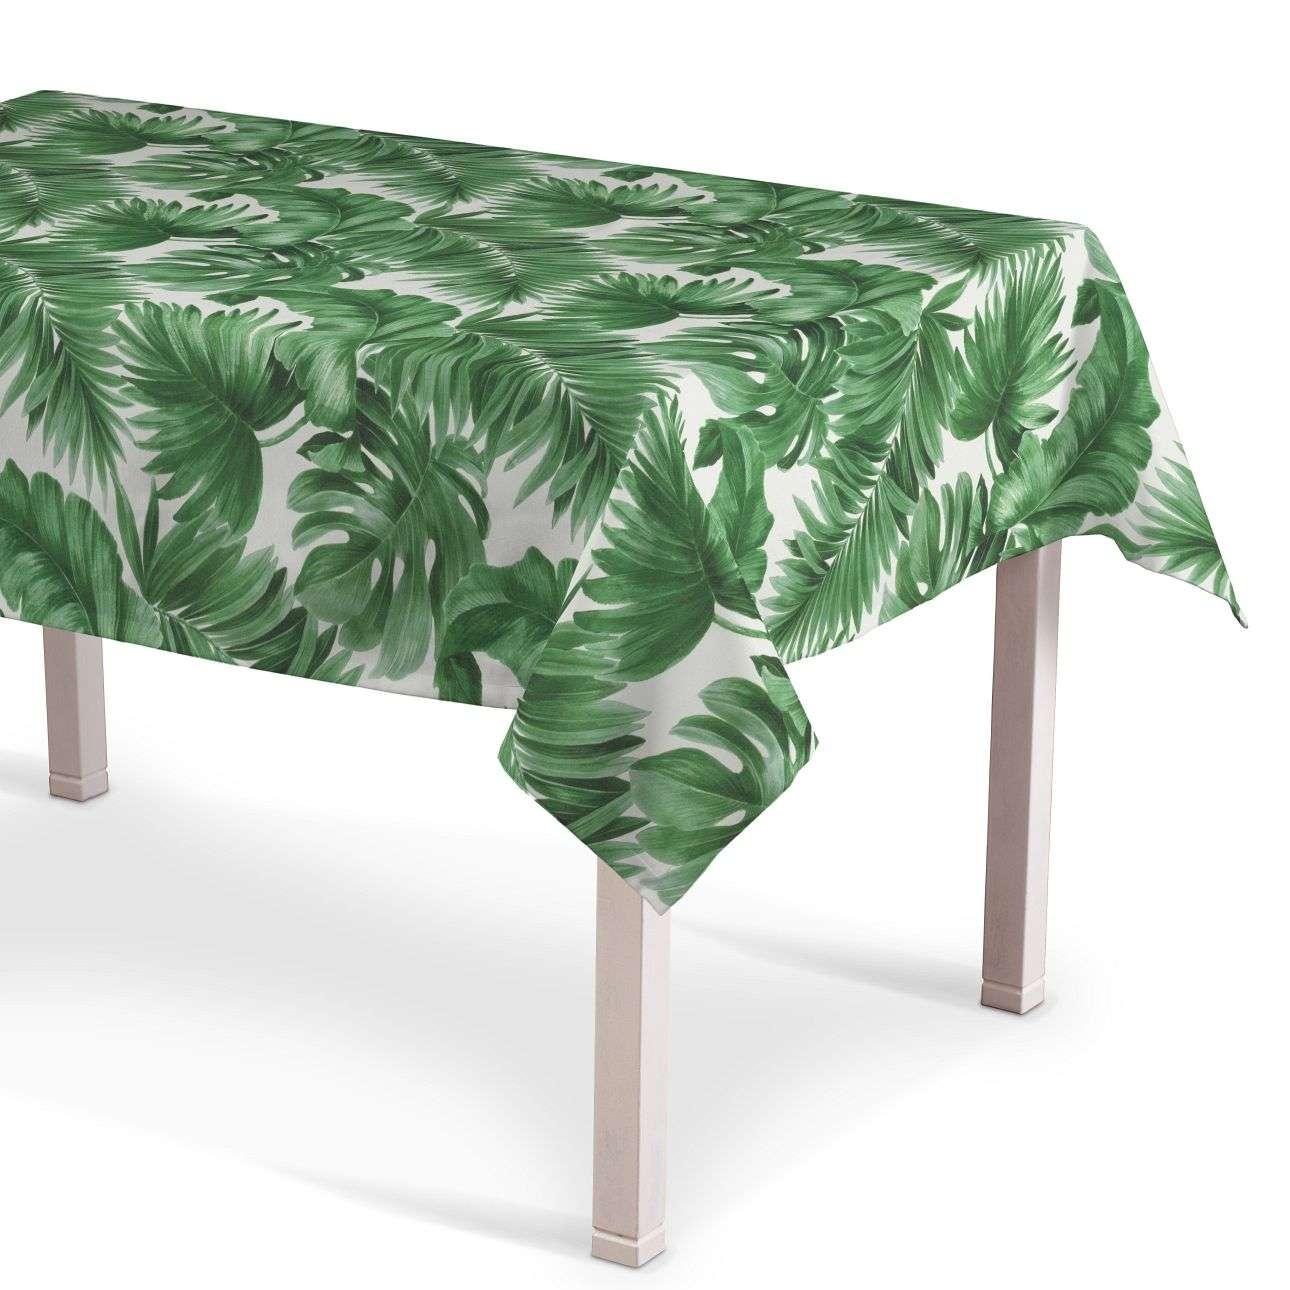 Rechteckige Tischdecke von der Kollektion Urban Jungle, Stoff: 141-71